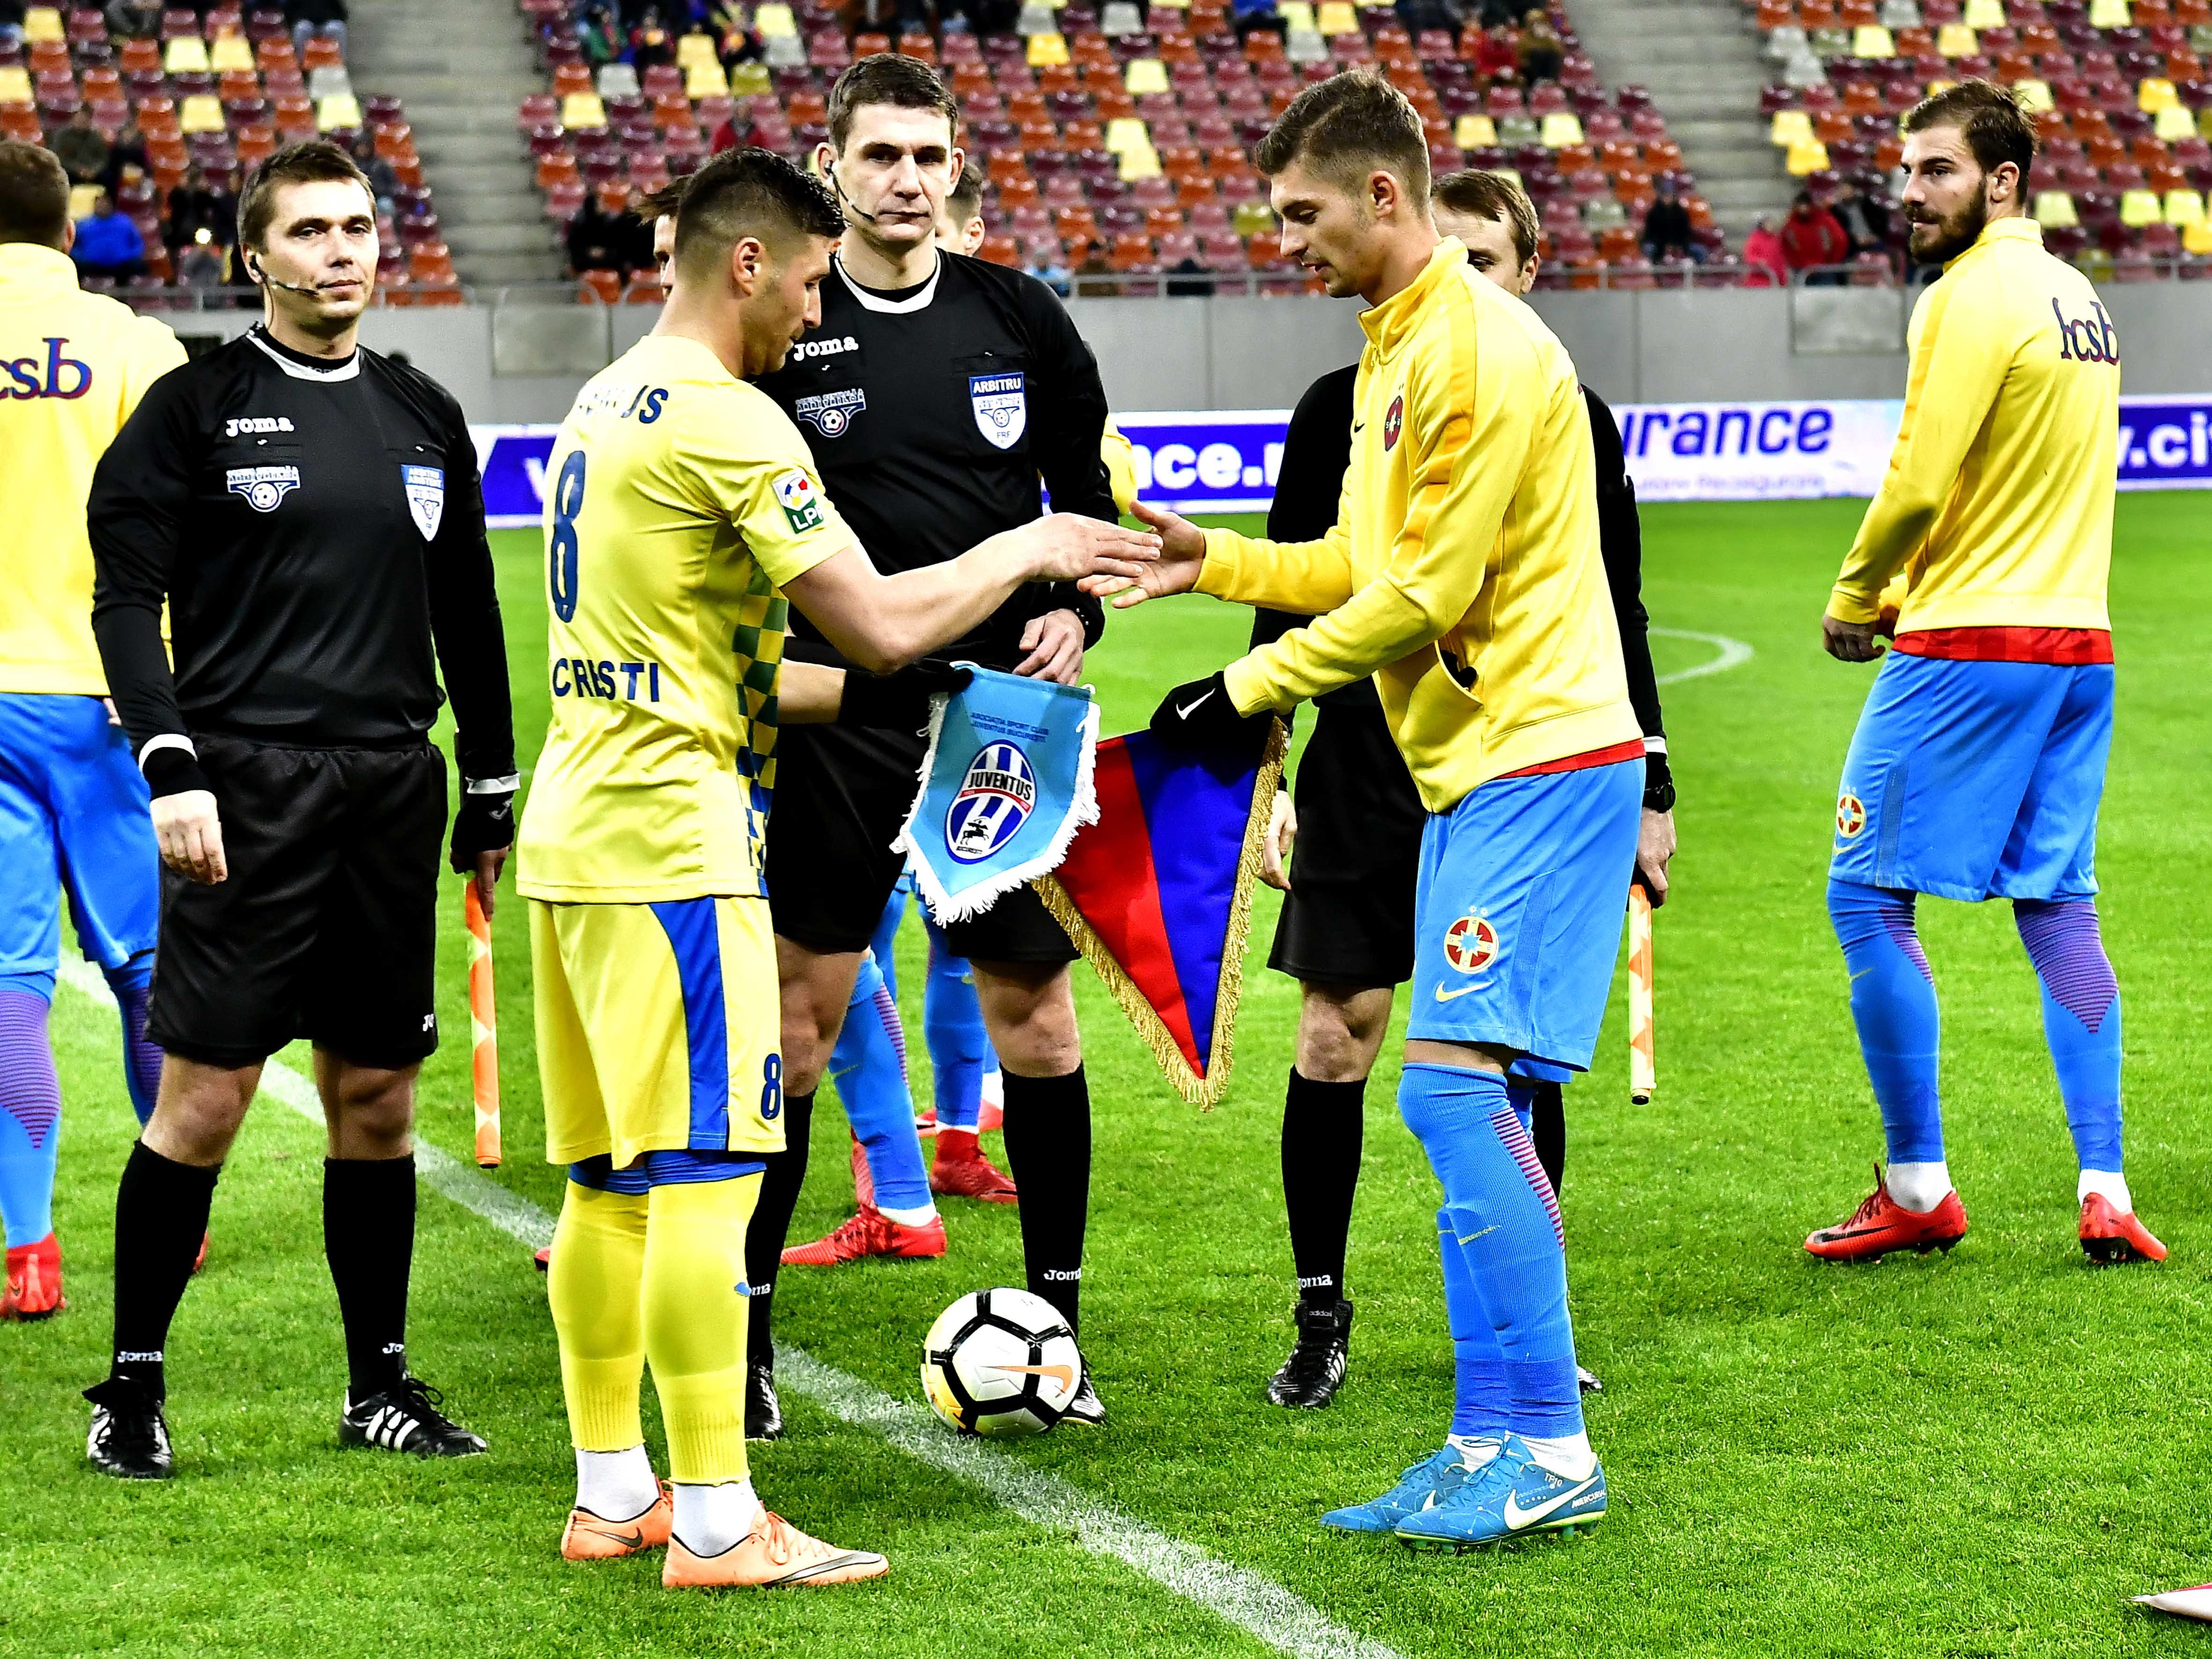 Arbitrul Horia Mladinovici la meciul FCSB - Juventus București